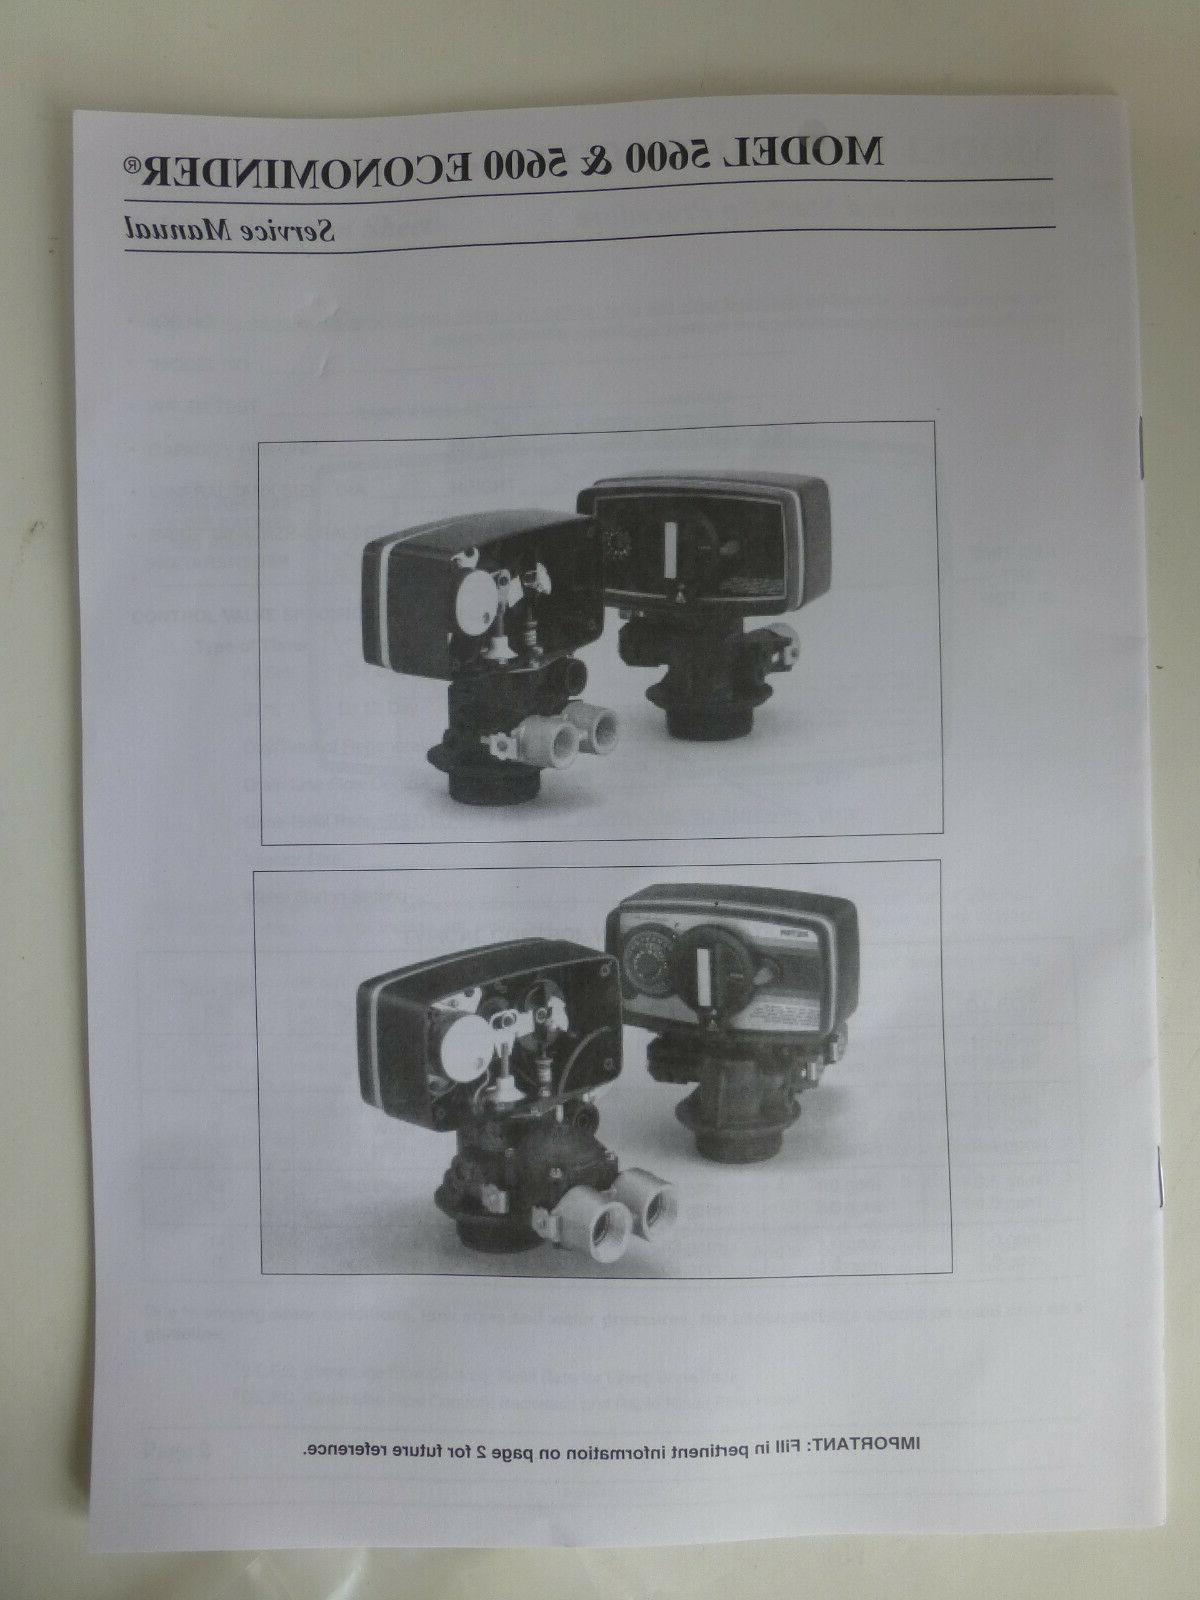 Model 5600 econominder kit & service 60900-38 softener